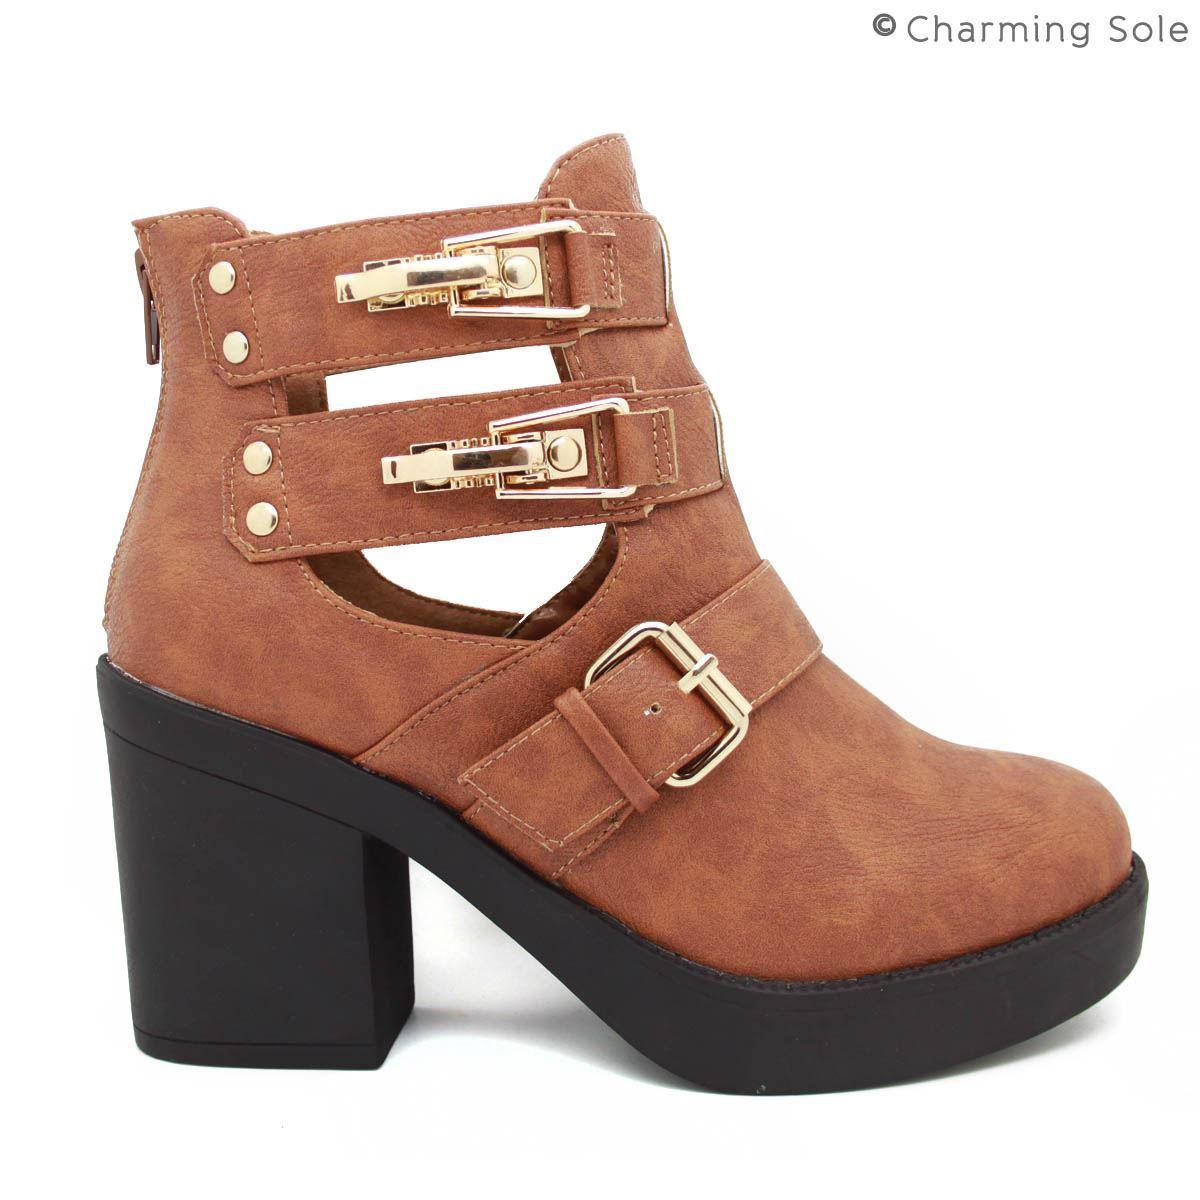 Platform shoes put you on a pedestal, just like you deserve. Shop trending platform heels, platform boots and sandals at AKIRA. Free shipping on orders $50+.